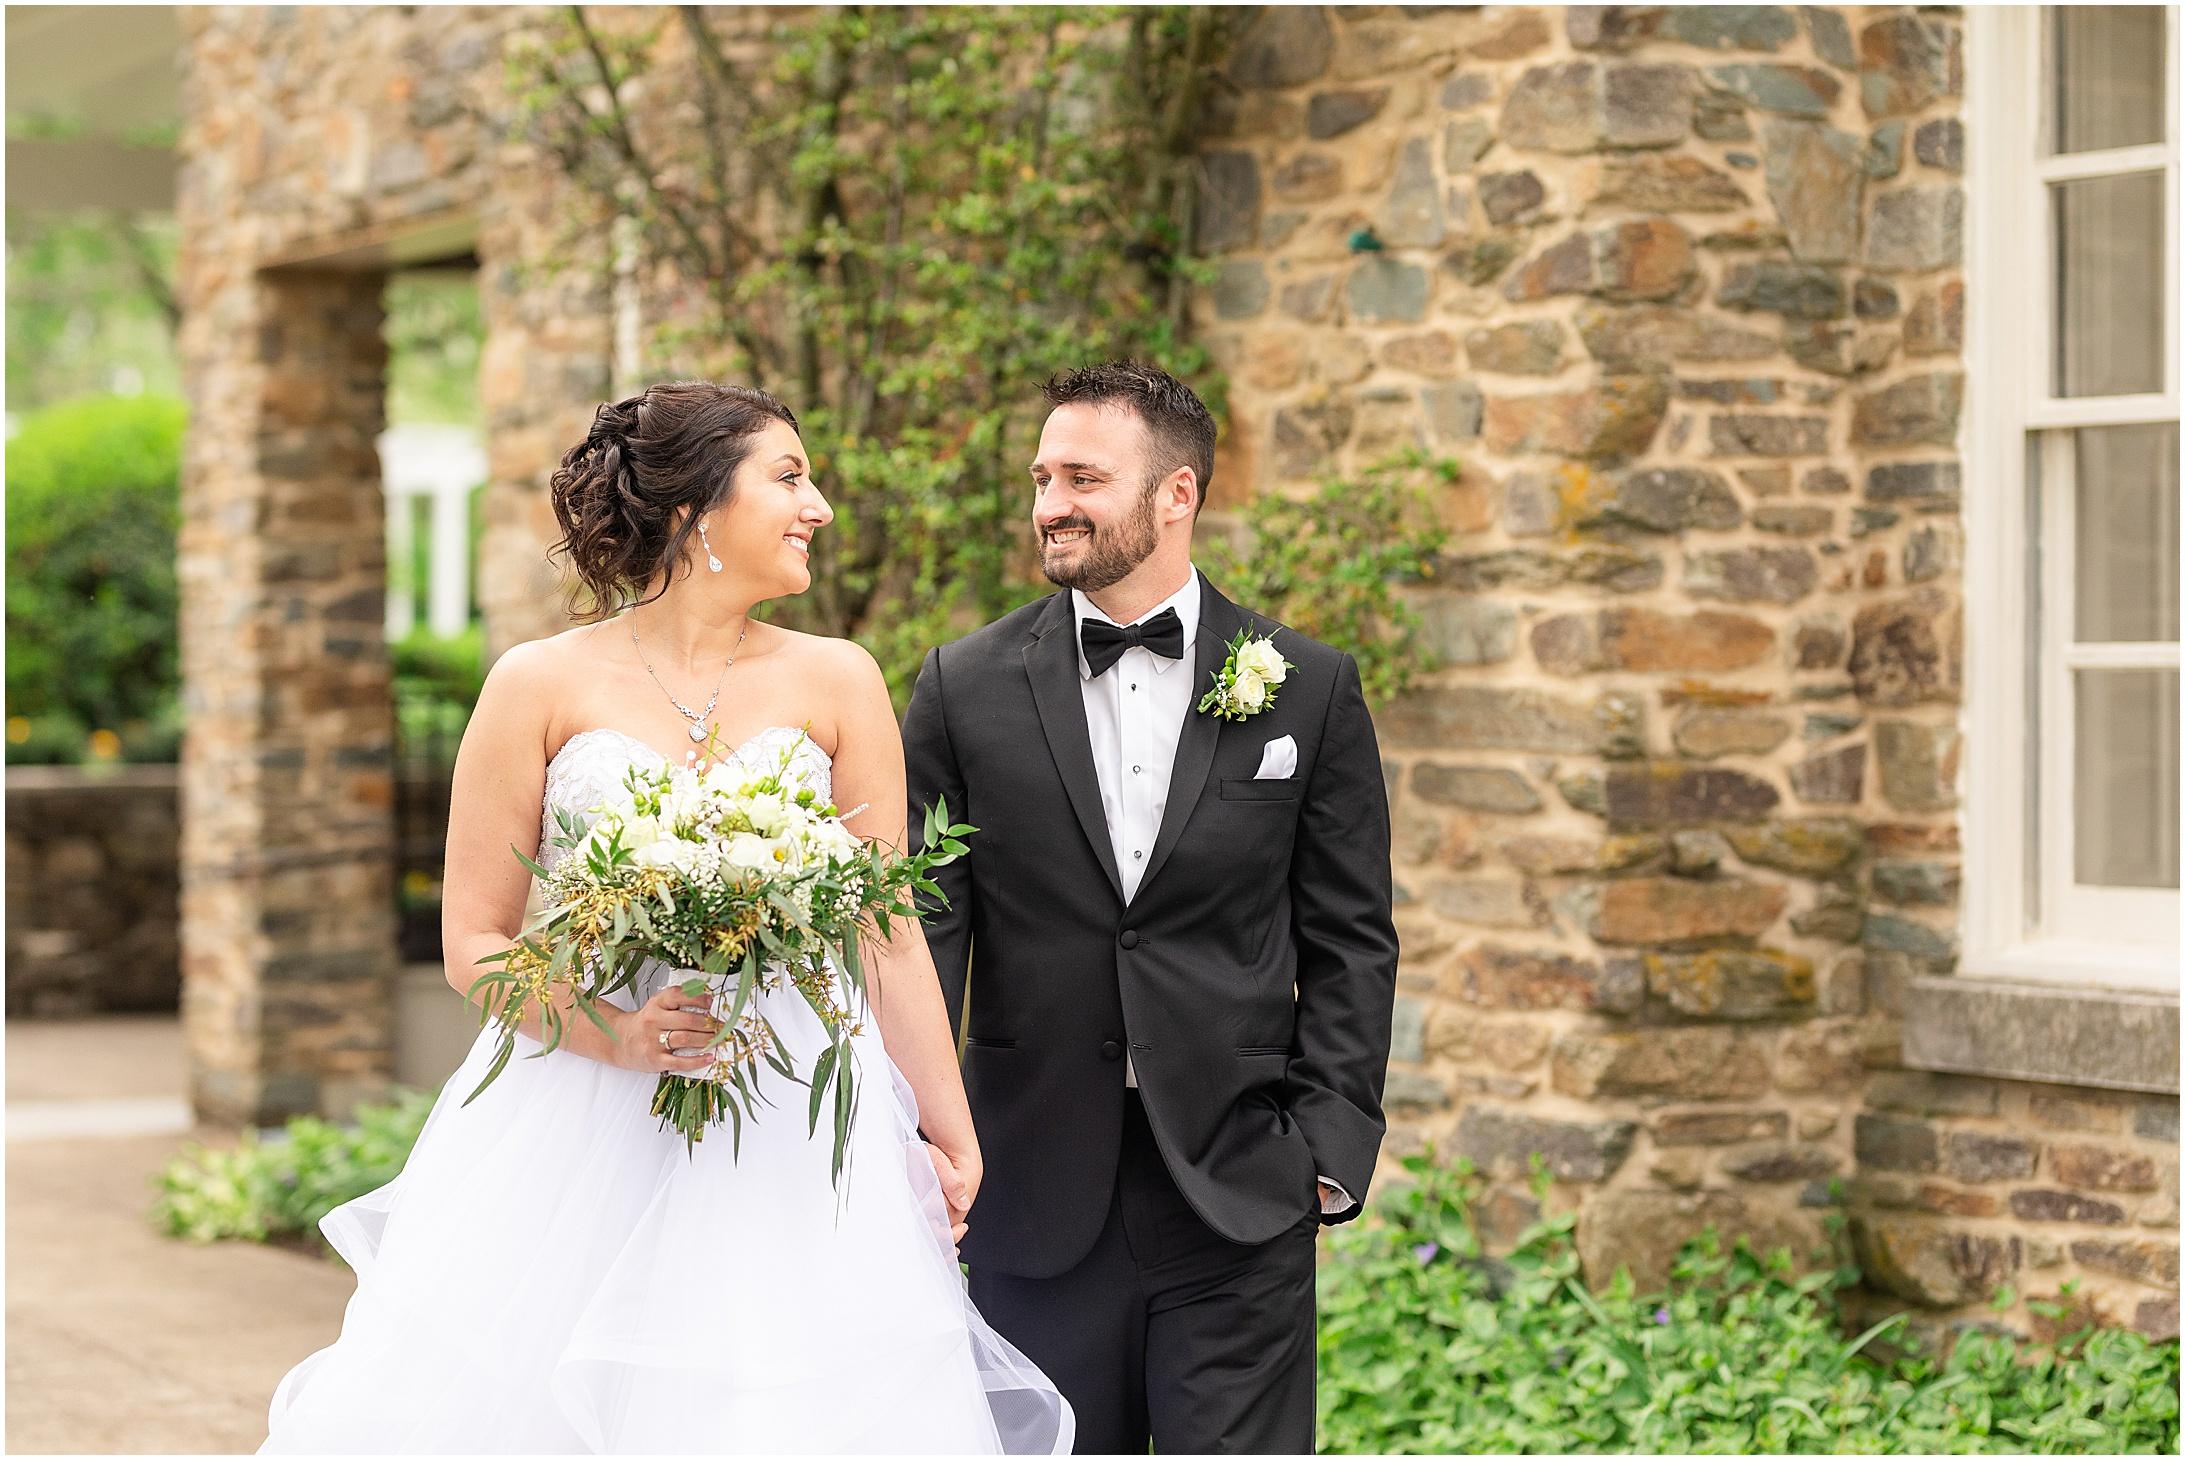 Stone-manor-country-club-wedding-photos-133.jpg